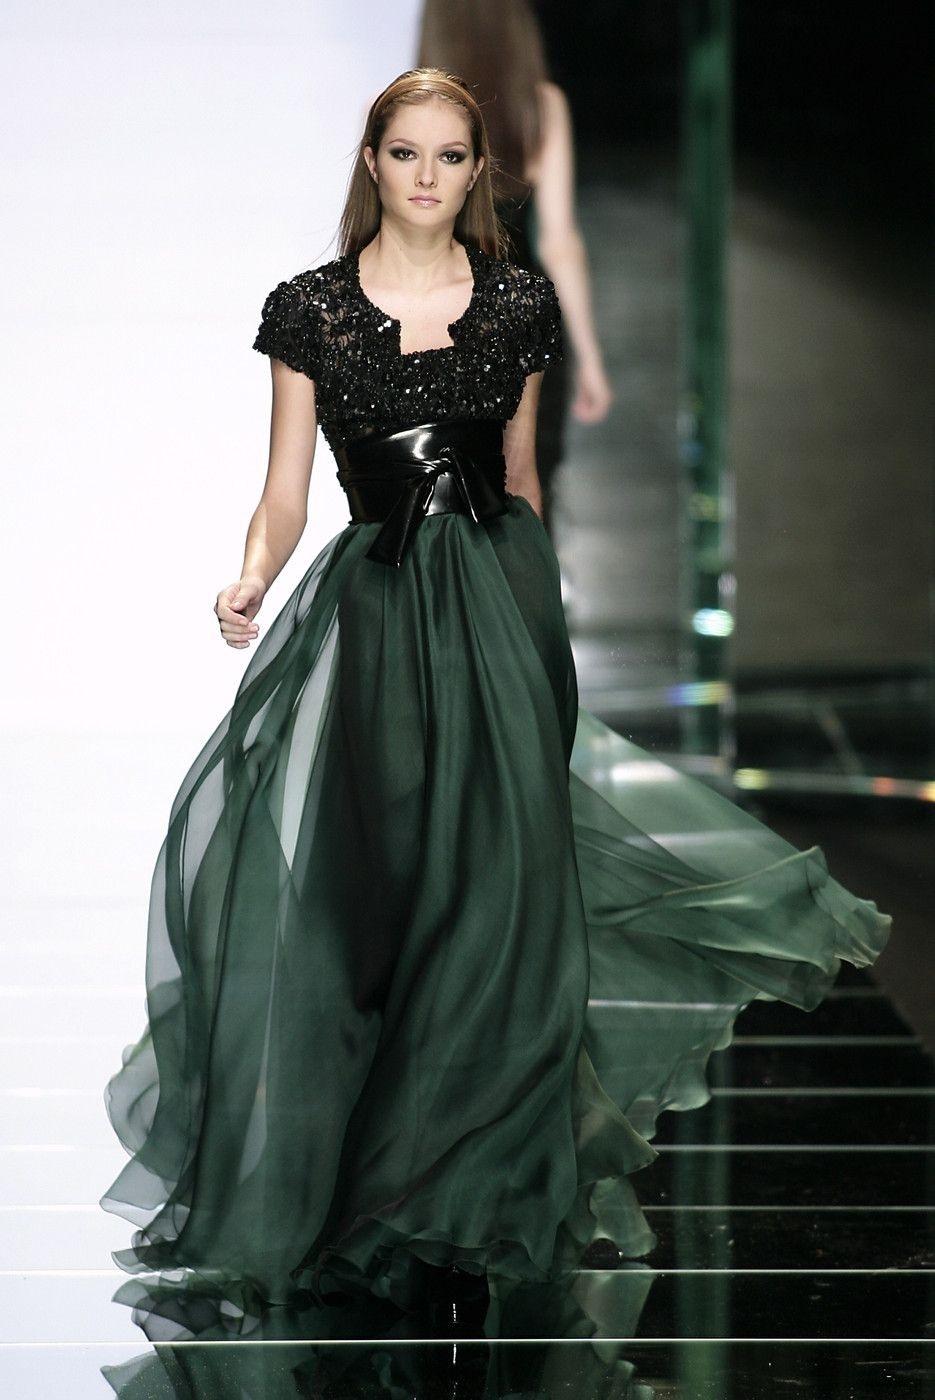 Formal Leicht Schöne Moderne Kleider Bester PreisFormal Fantastisch Schöne Moderne Kleider Spezialgebiet